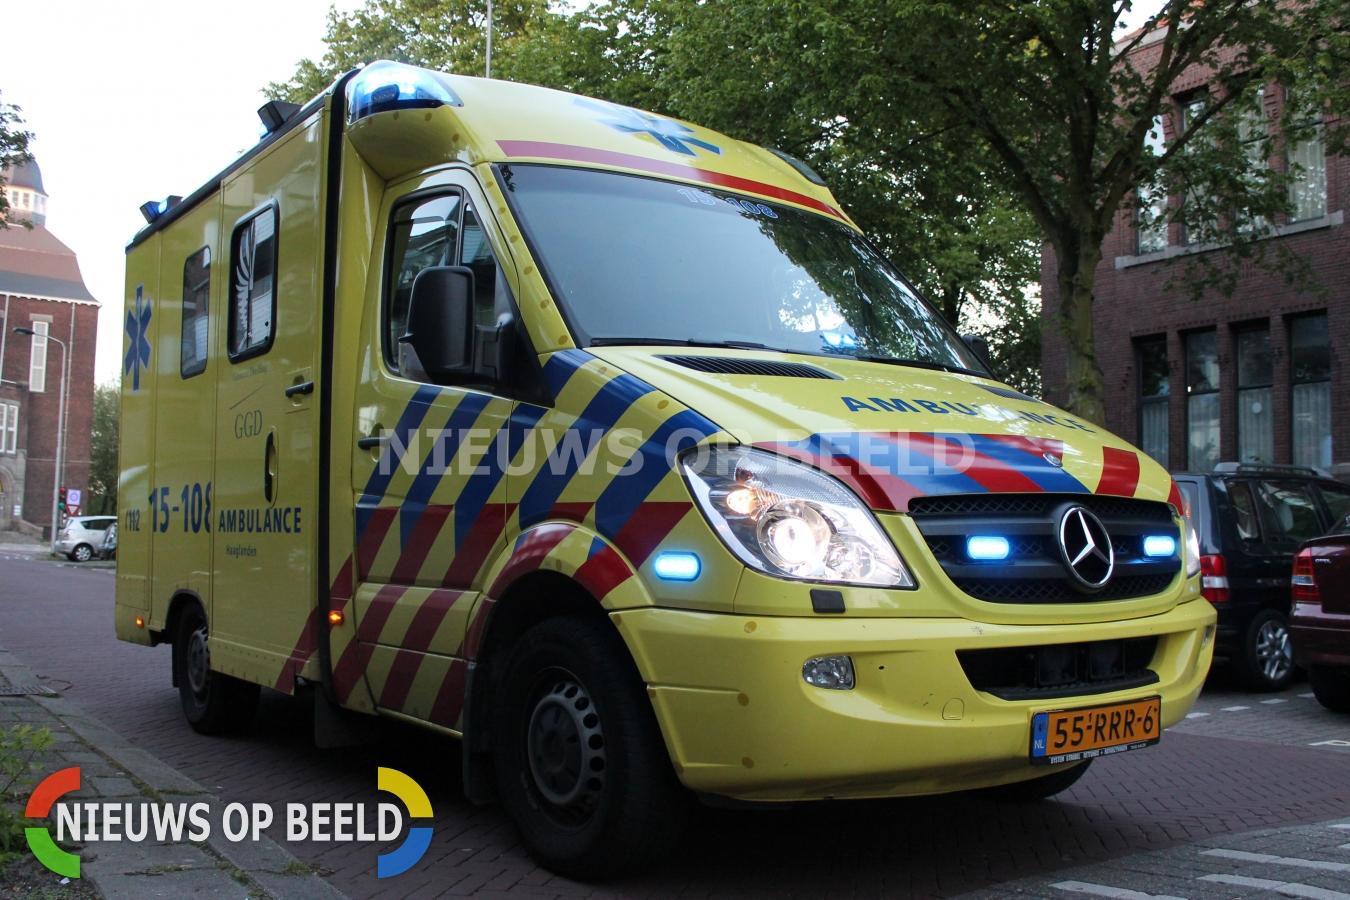 Jongen (14) zeer ernstig gewond na vuurwerkongeval, politie opzoek naar getuigen Wolphaertsbocht Rotterdam